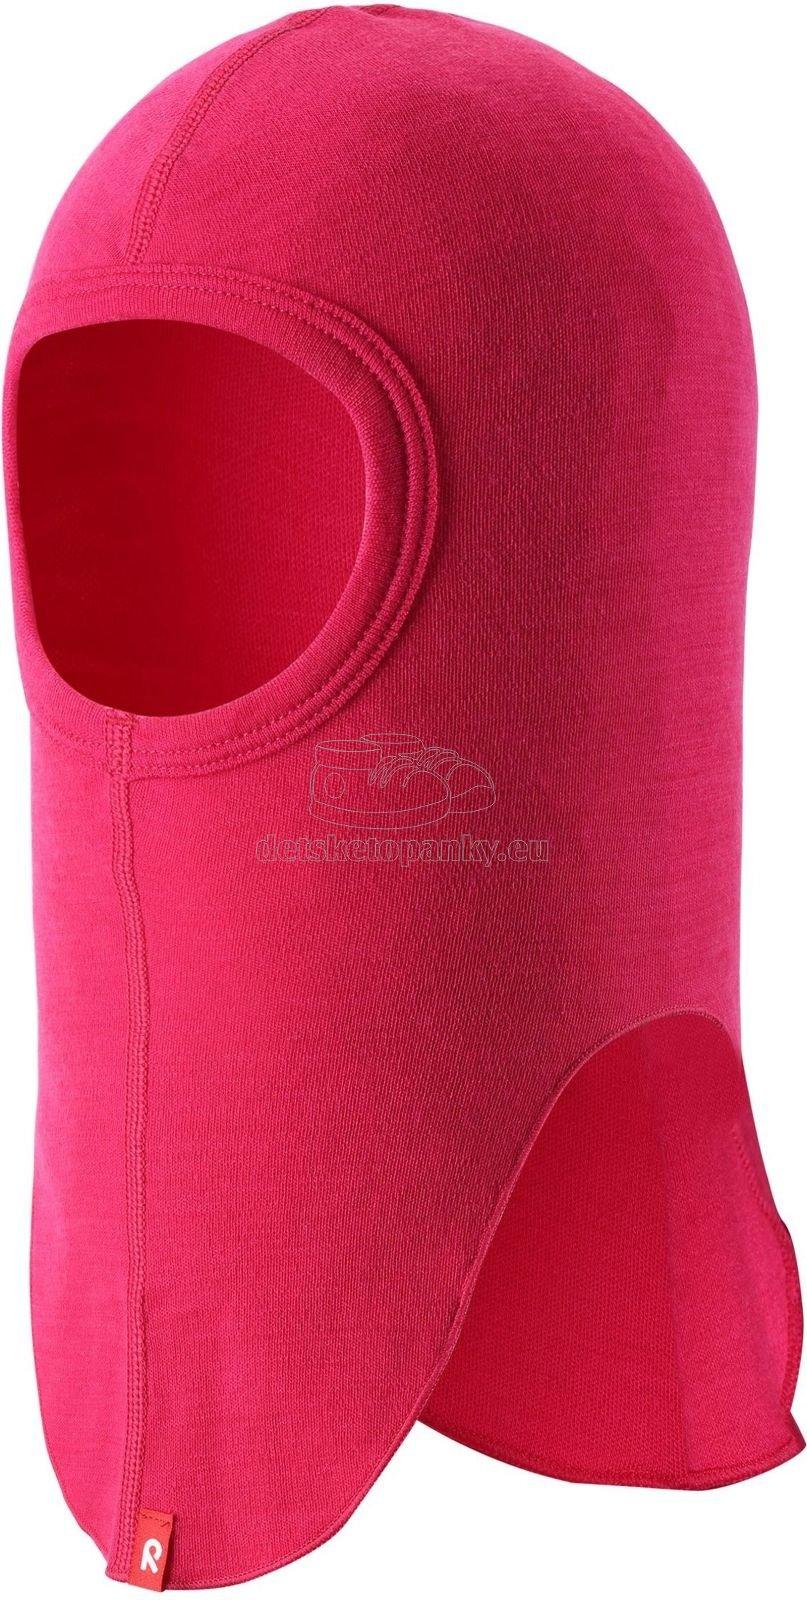 Detská zimná kukla Reima 528617-4650 raspberry pink